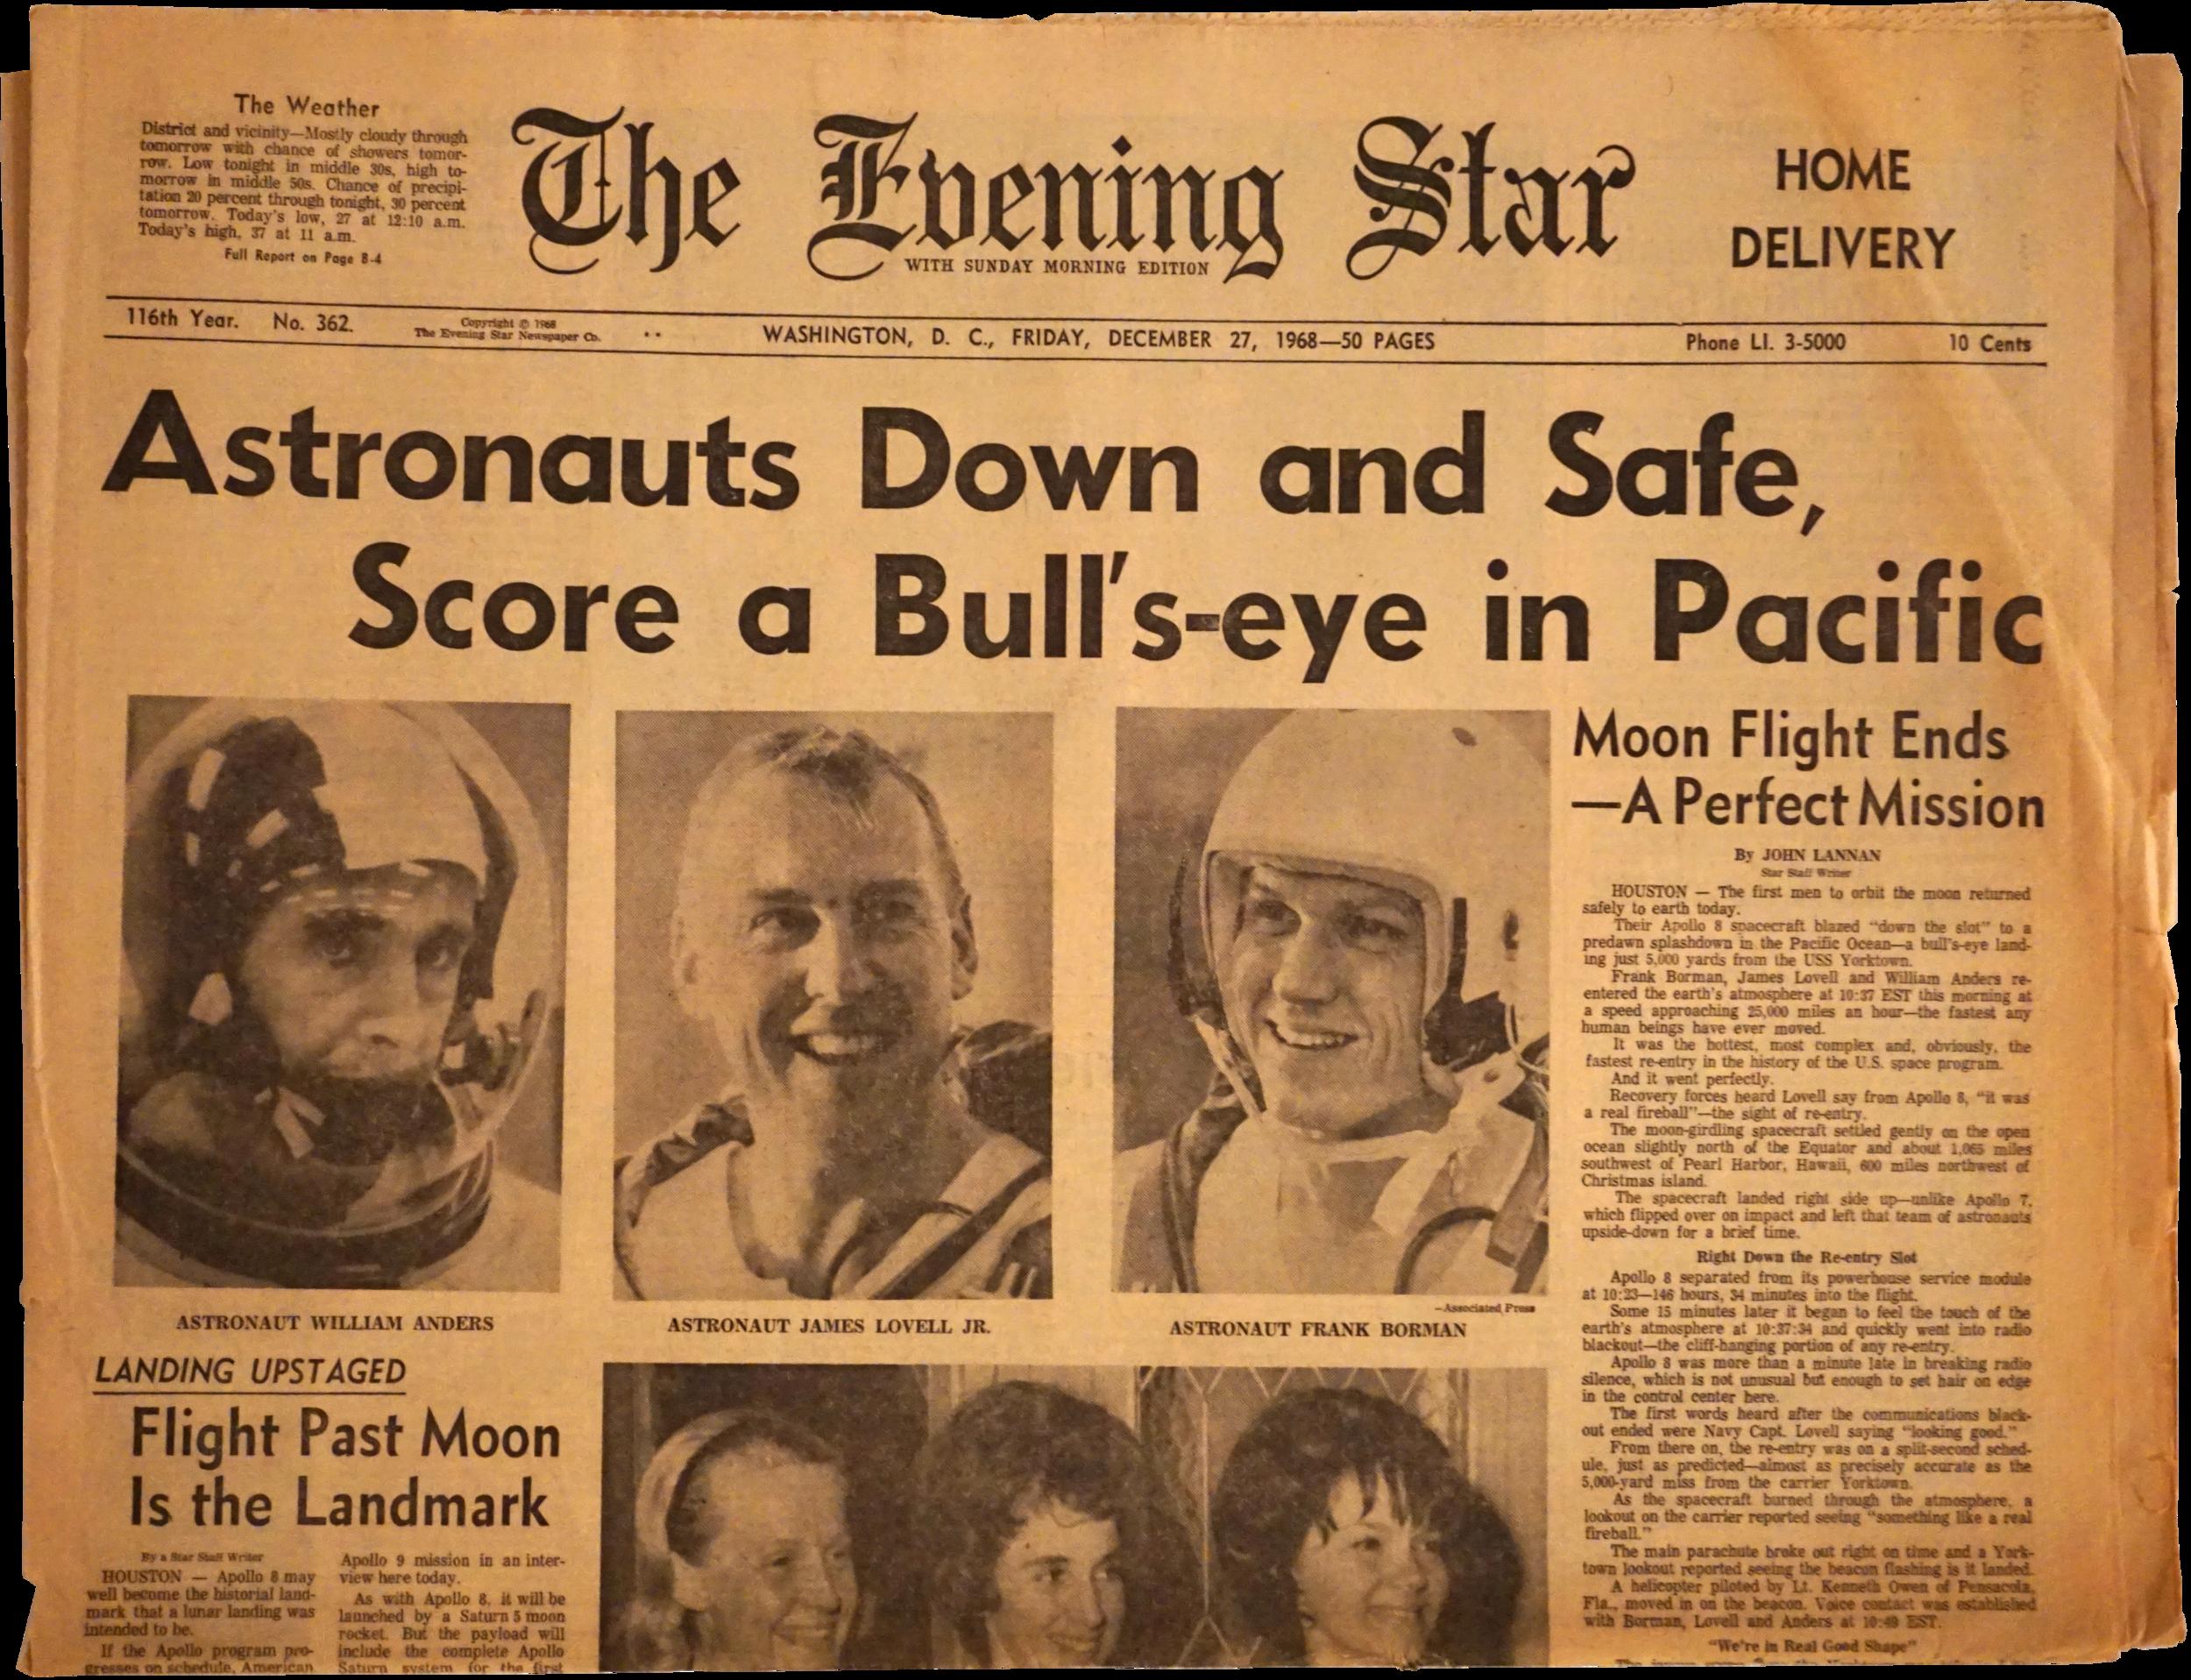 ERM-1968-NEWSPAPER-EVENING_STAR-122768.png